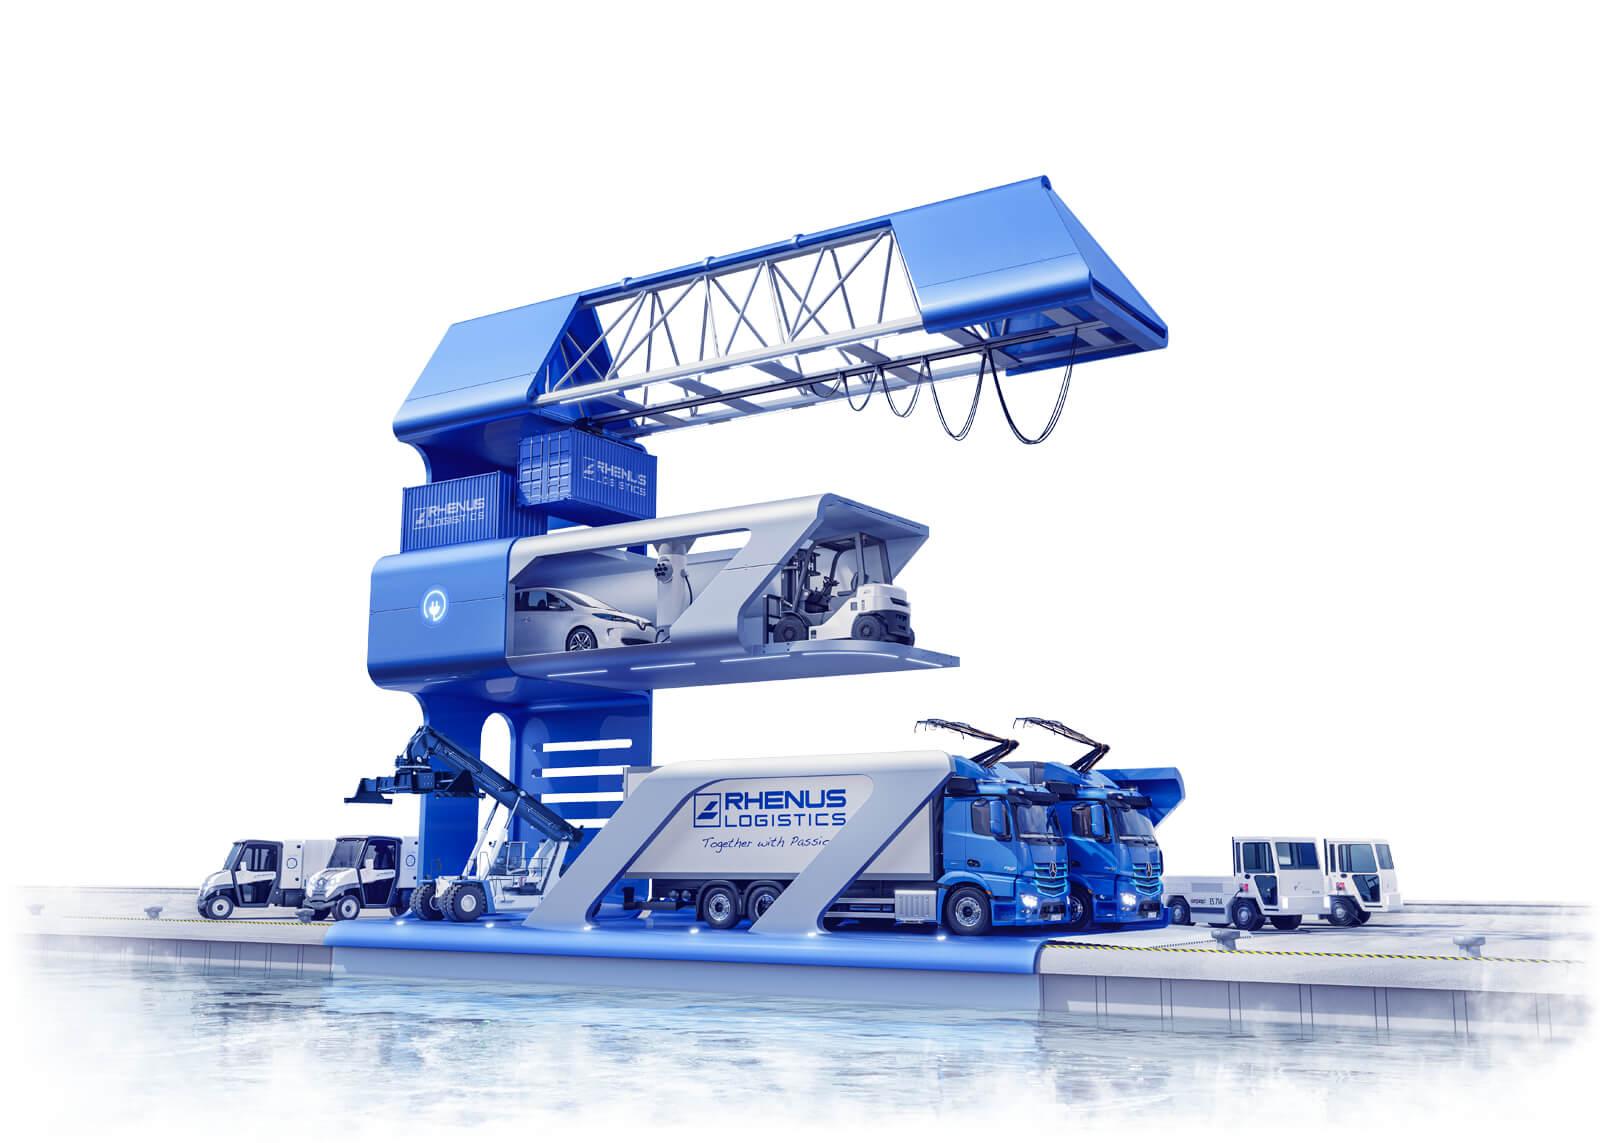 Produktvisualisierung von Fahrzeugen im Bereich Automotiv, Logistik